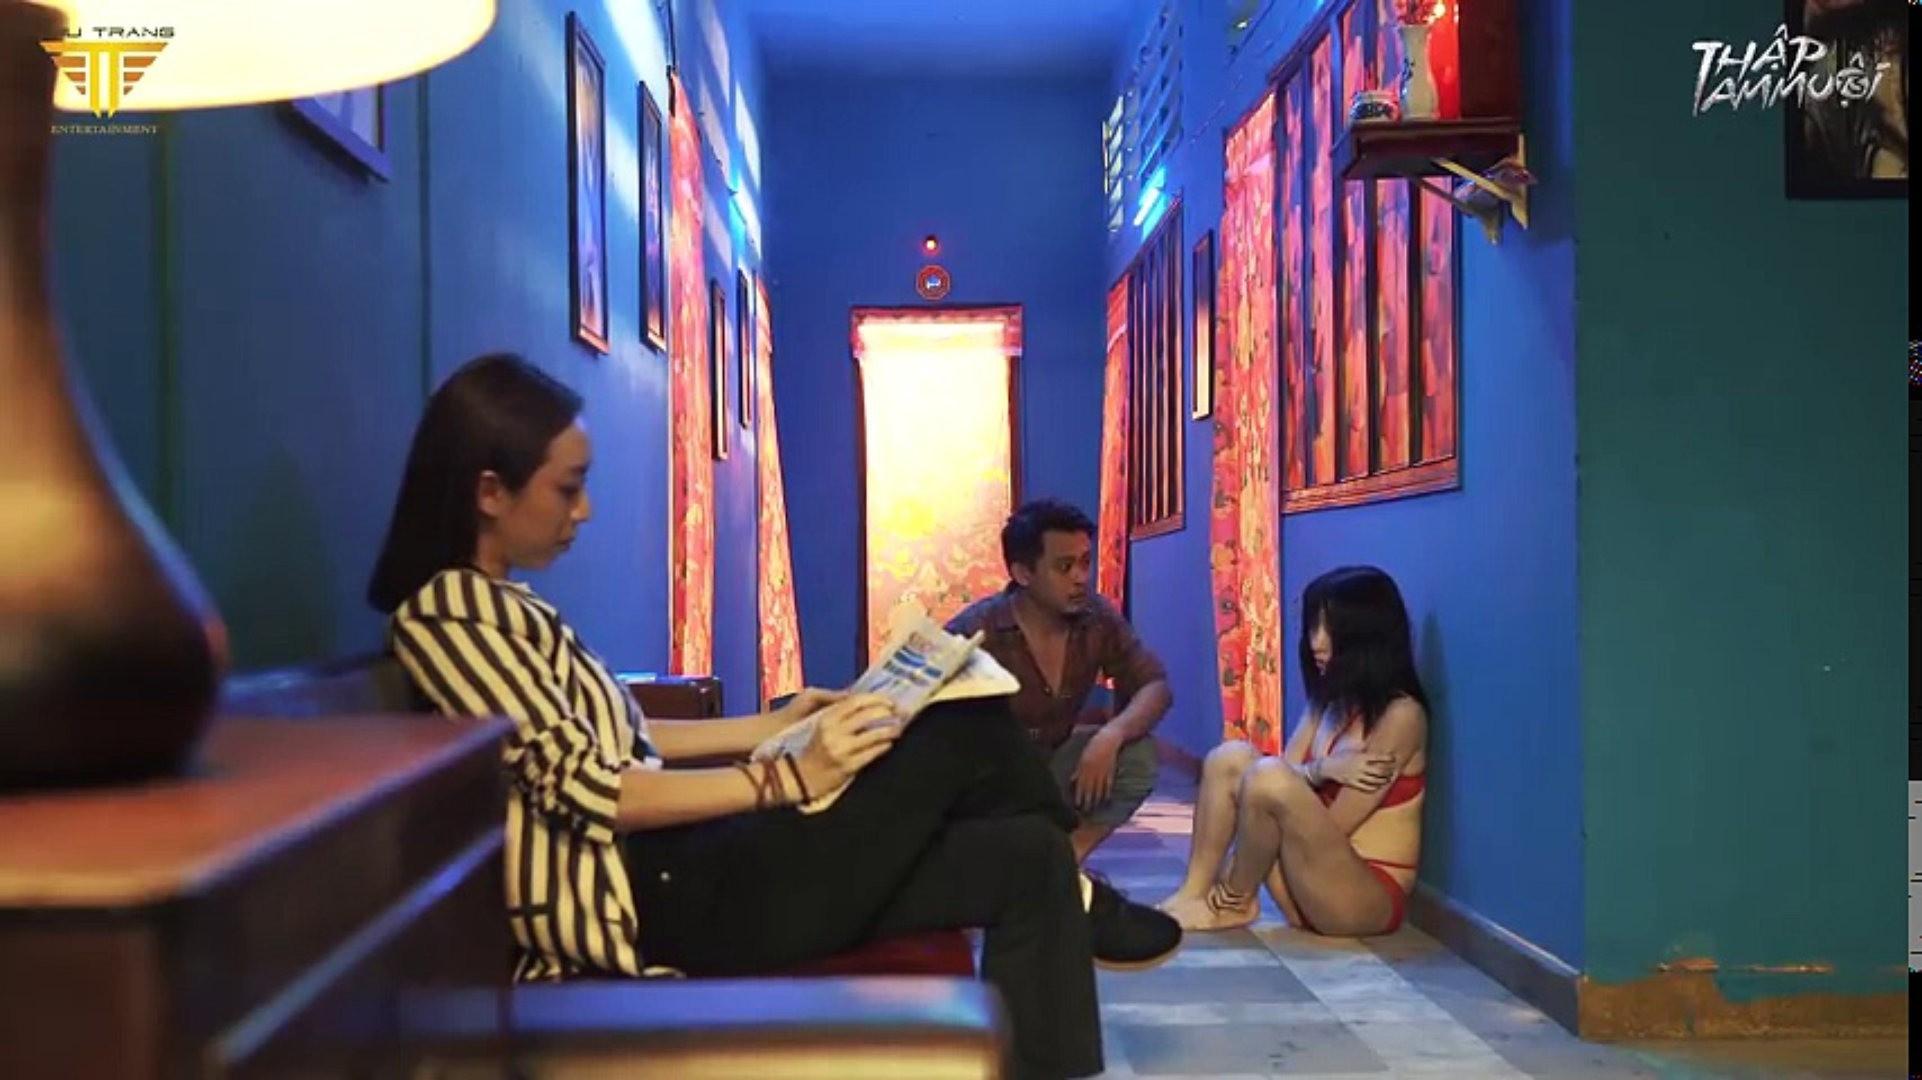 Cơn bão web drama 2018: Sân chơi không còn dành cho những tác phẩm hời hợt - Ảnh 5.